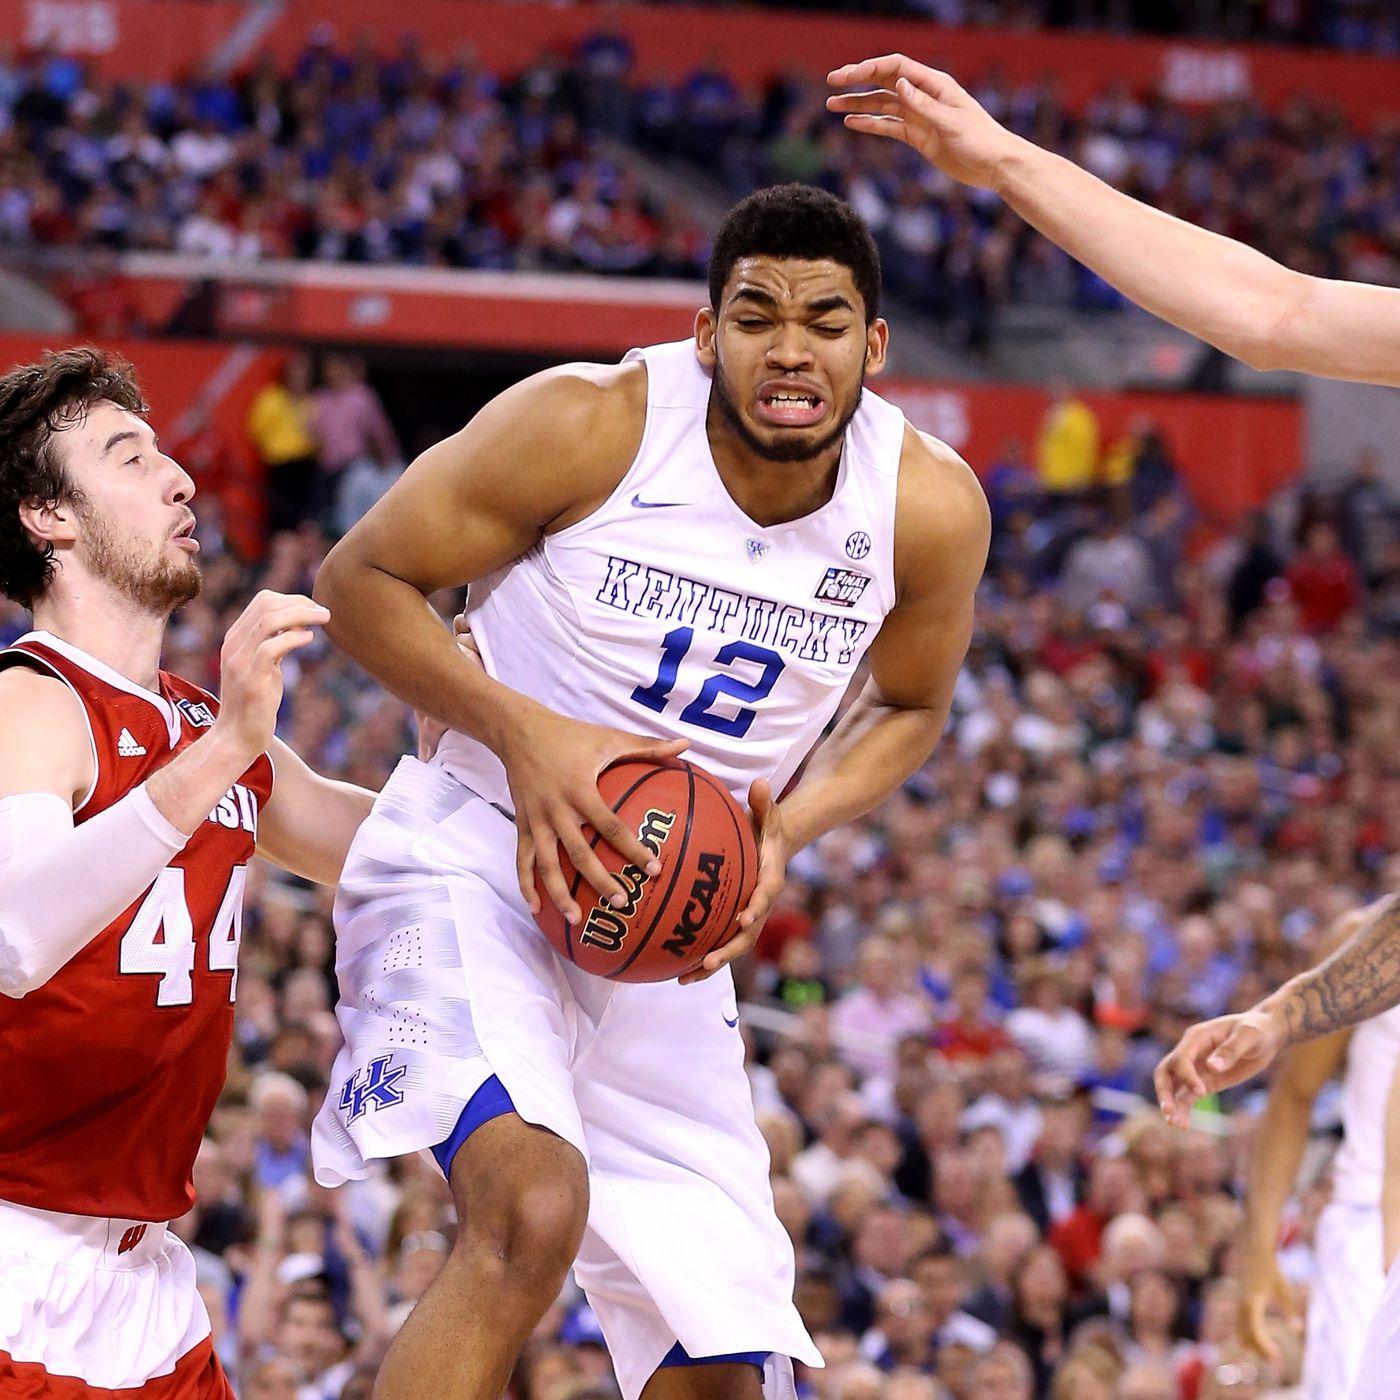 0f9c1a46f58 2015 NBA Draft big board  Ranking prospects from 1-60 - SBNation.com